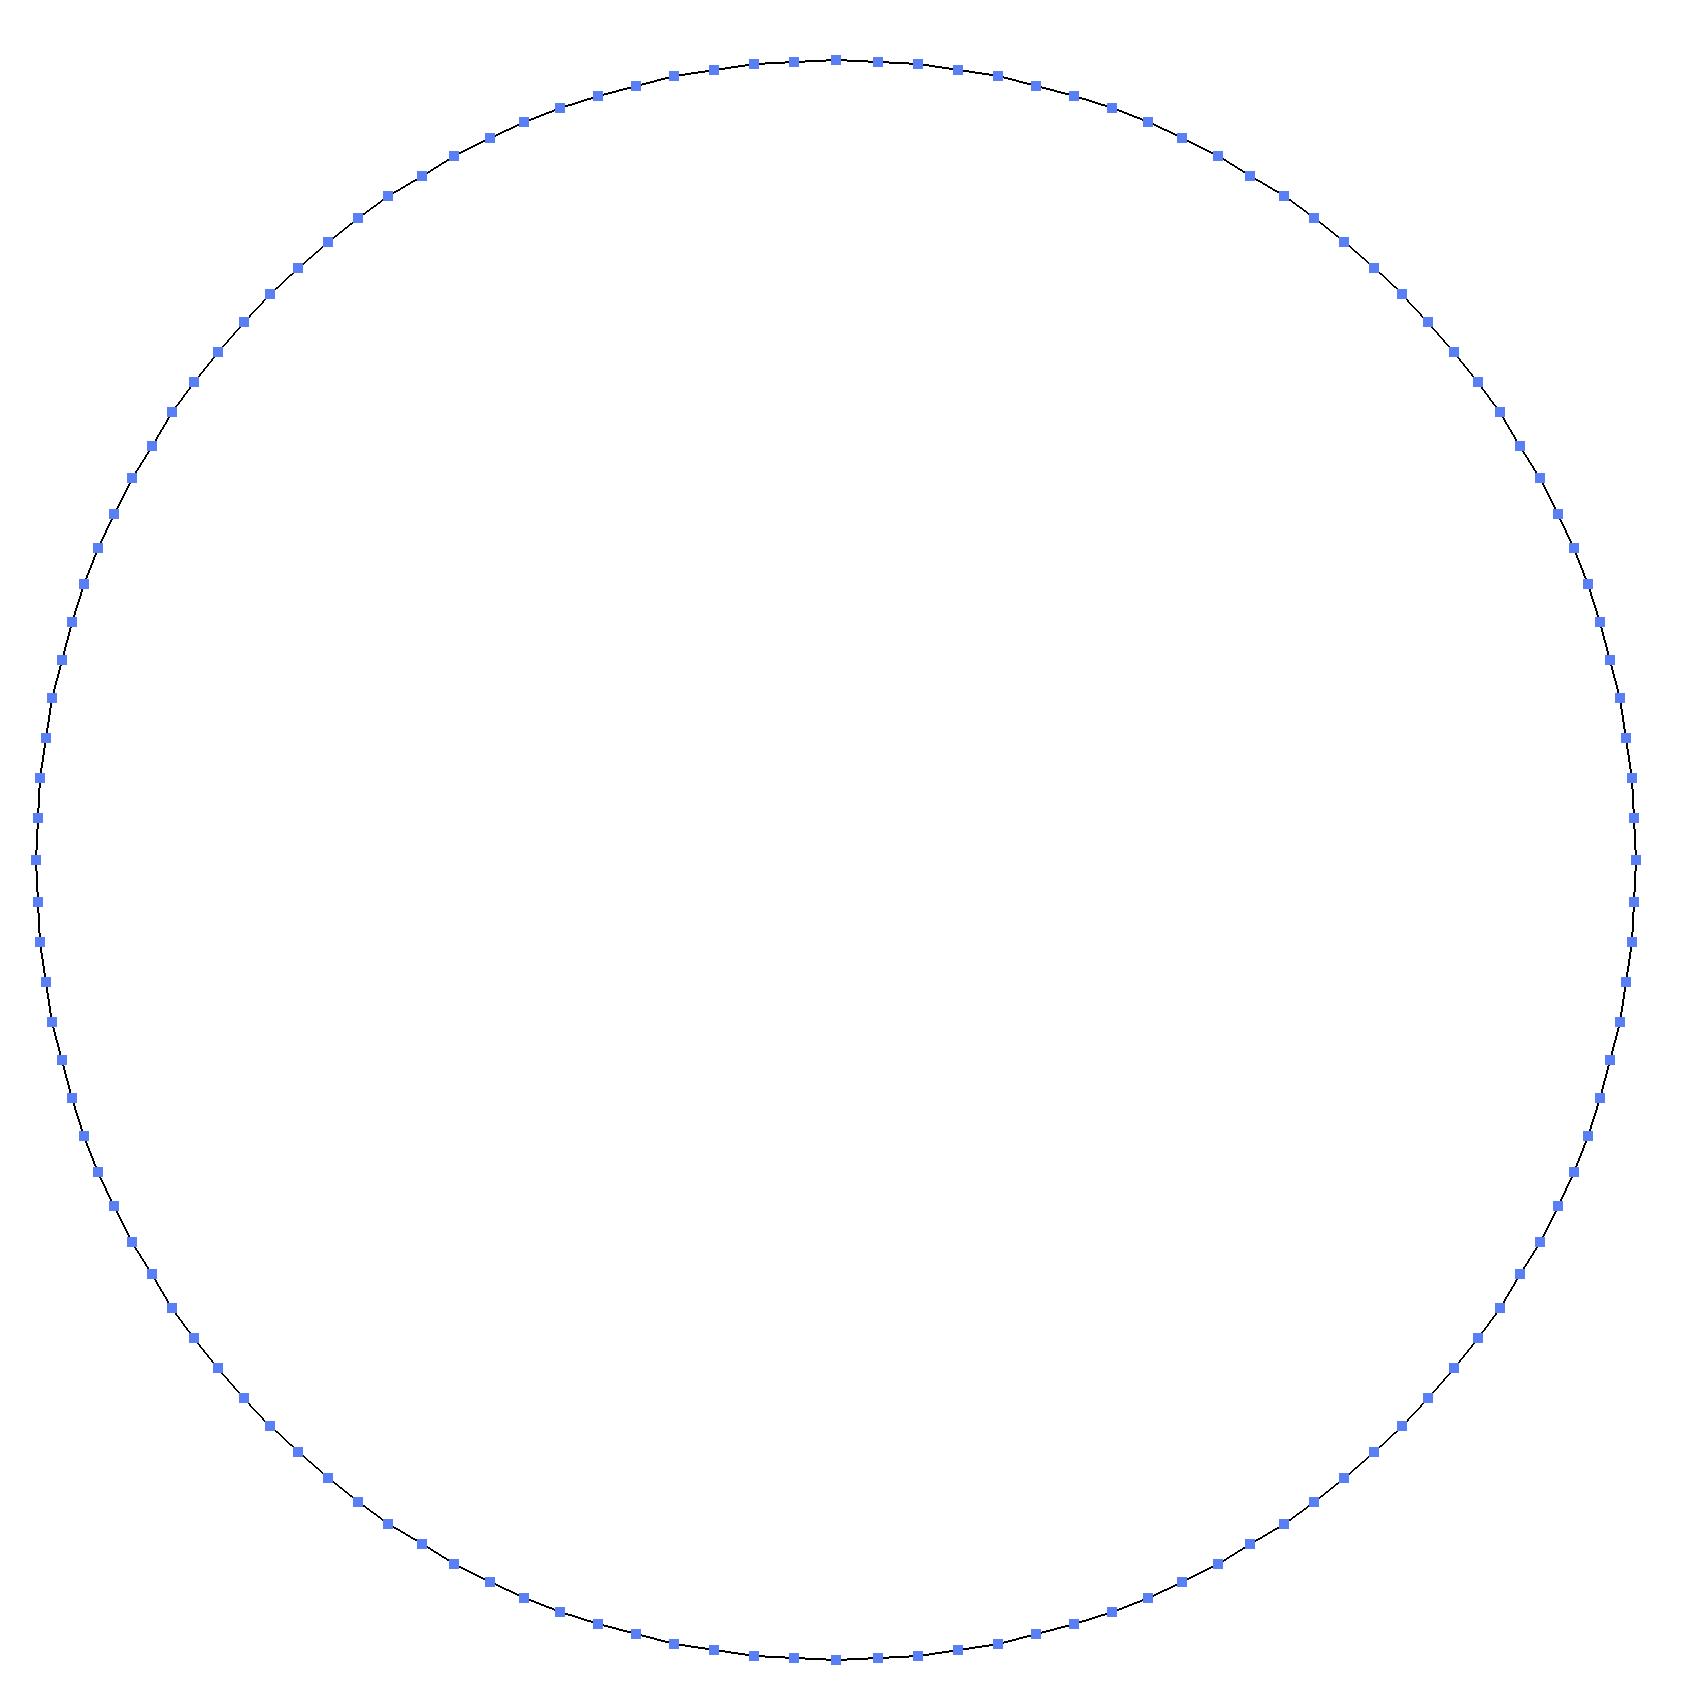 WMF reimported toIllustrator showing loads of nodes